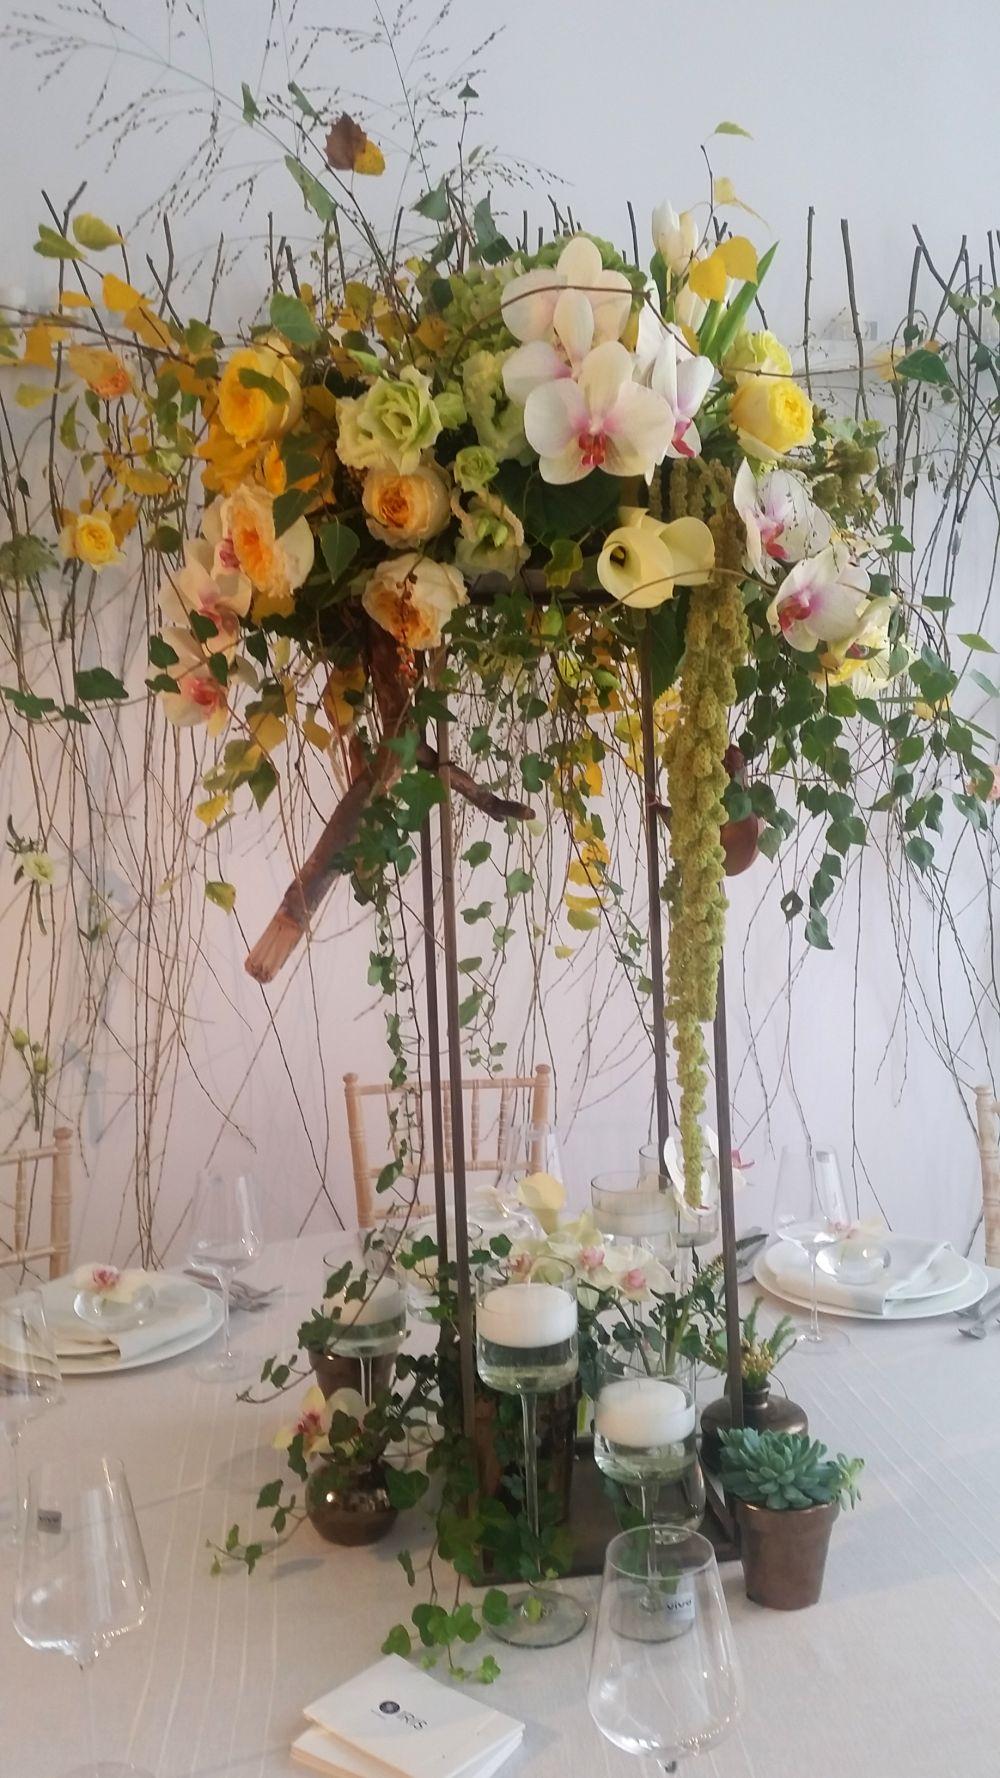 adelaparvu-com-despre-the-wedding-gallery-2016-floraria-iris-design-nicu-bocancea-49